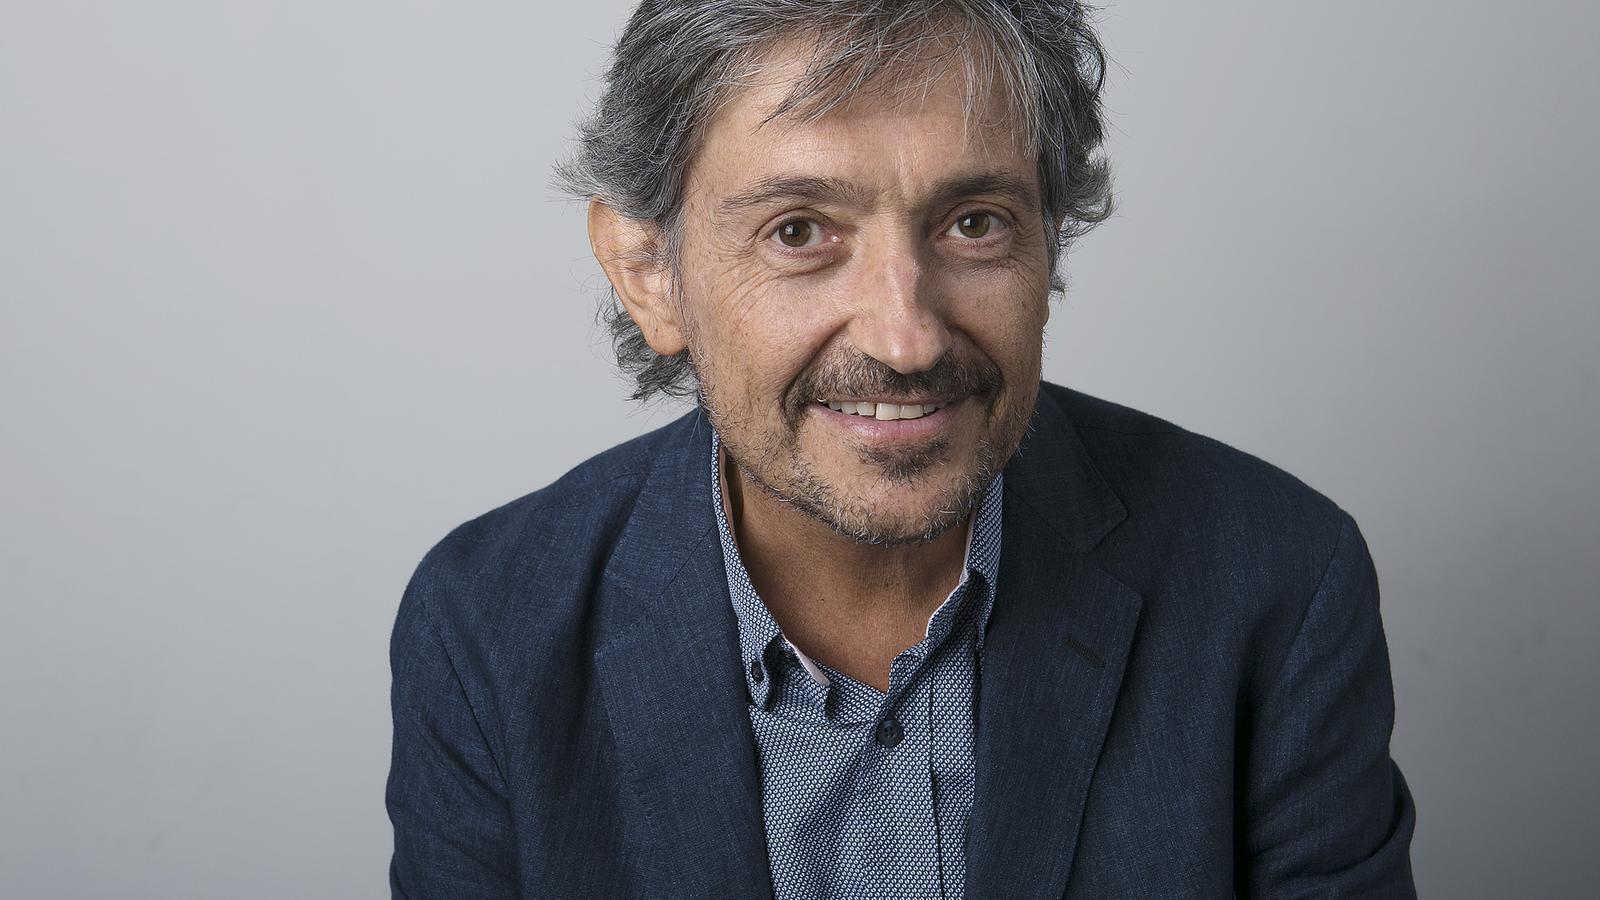 Carles Capdevila ha estat reconegut per contribuir a millorar l'educació / ARA